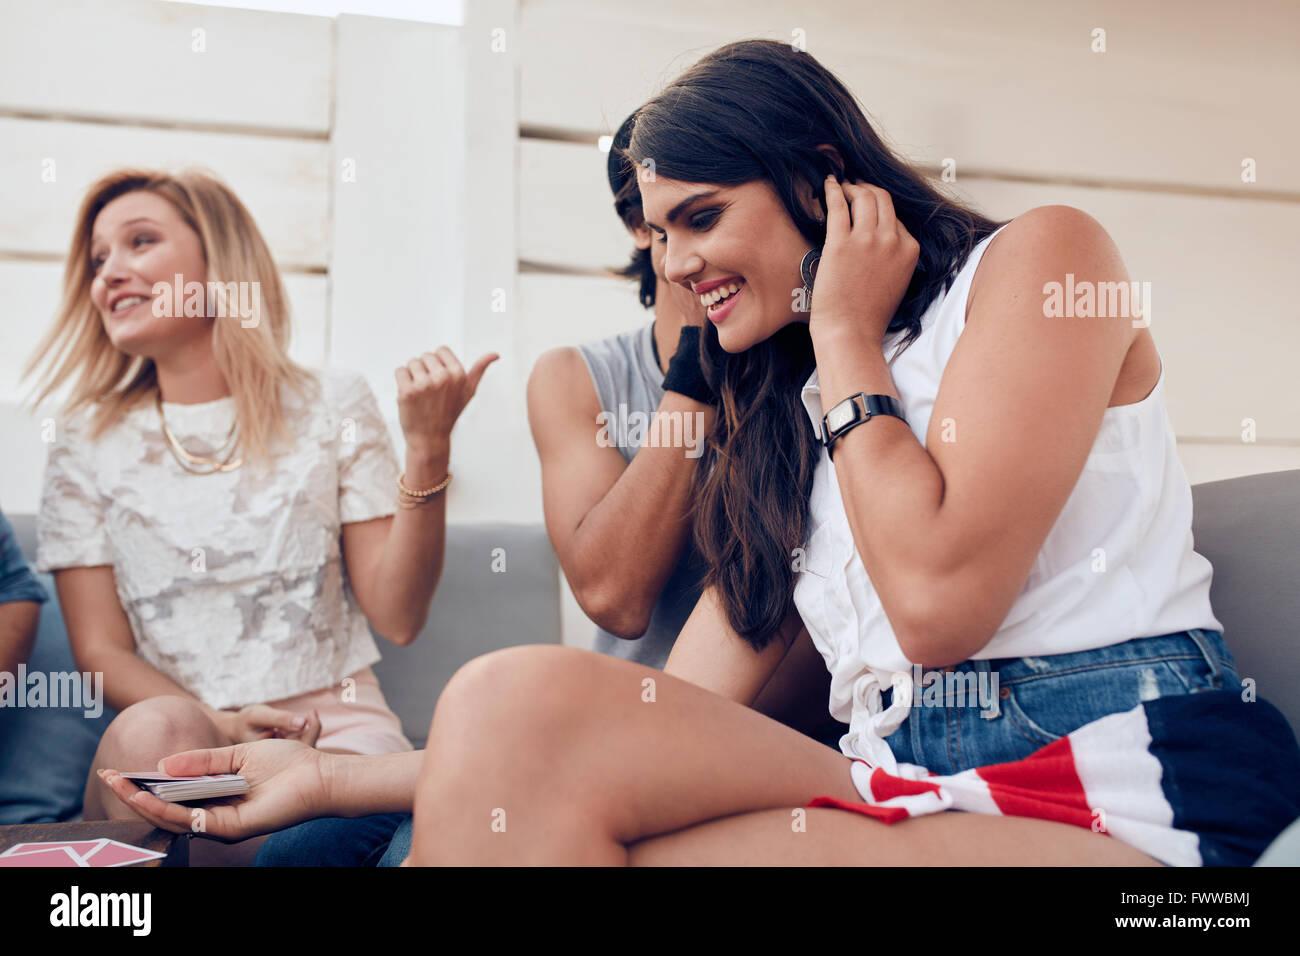 Retrato de joven sus amigos jugando a las cartas, con mujer escuchando un secreto de su novio. Los jóvenes Imagen De Stock